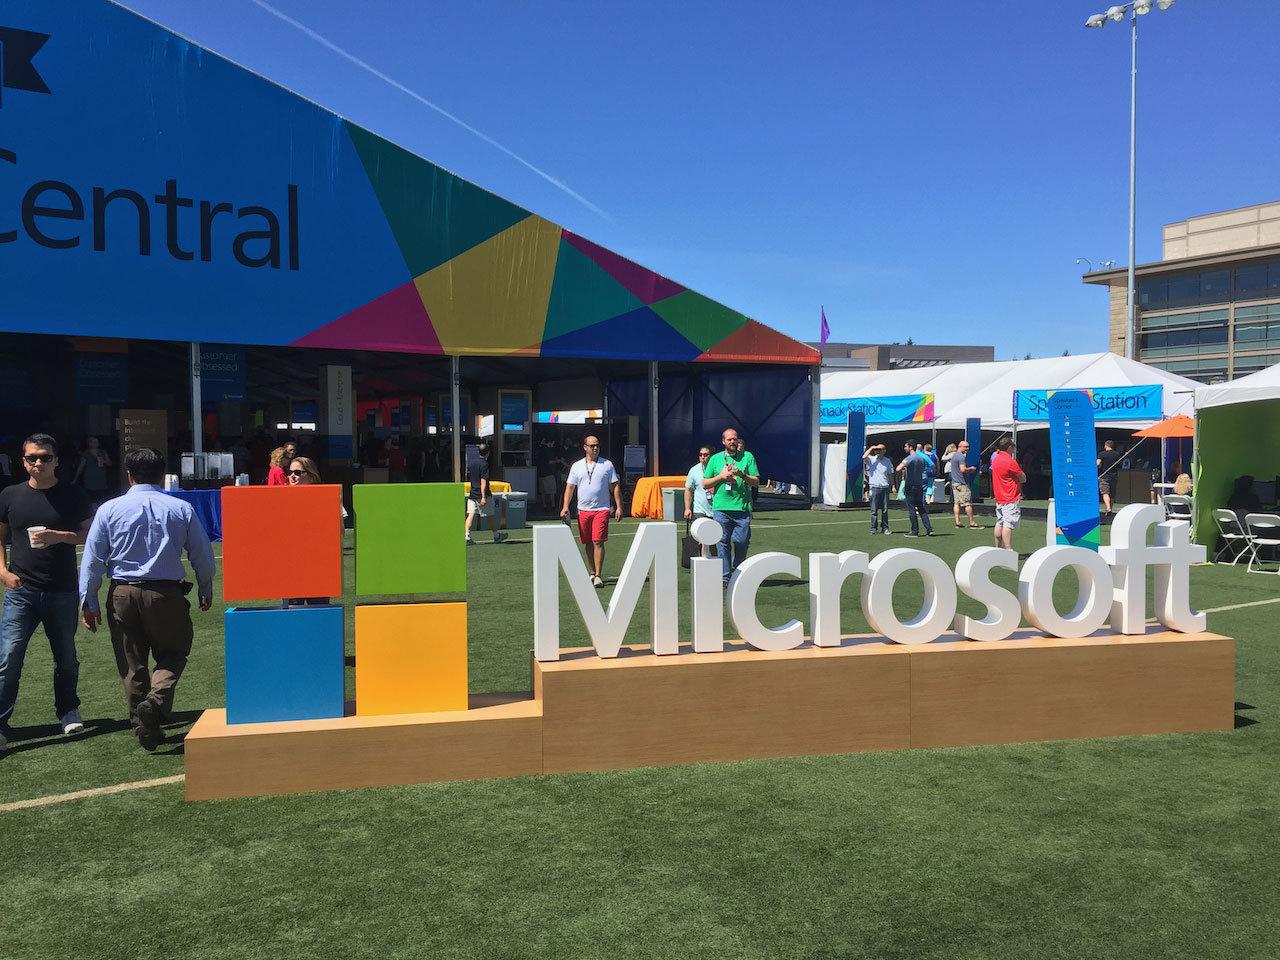 Microsoftのイベントは2021年もデジタル化が続くのか:Windowsフロントライン(1/2 ページ) - ITmedia PC USER